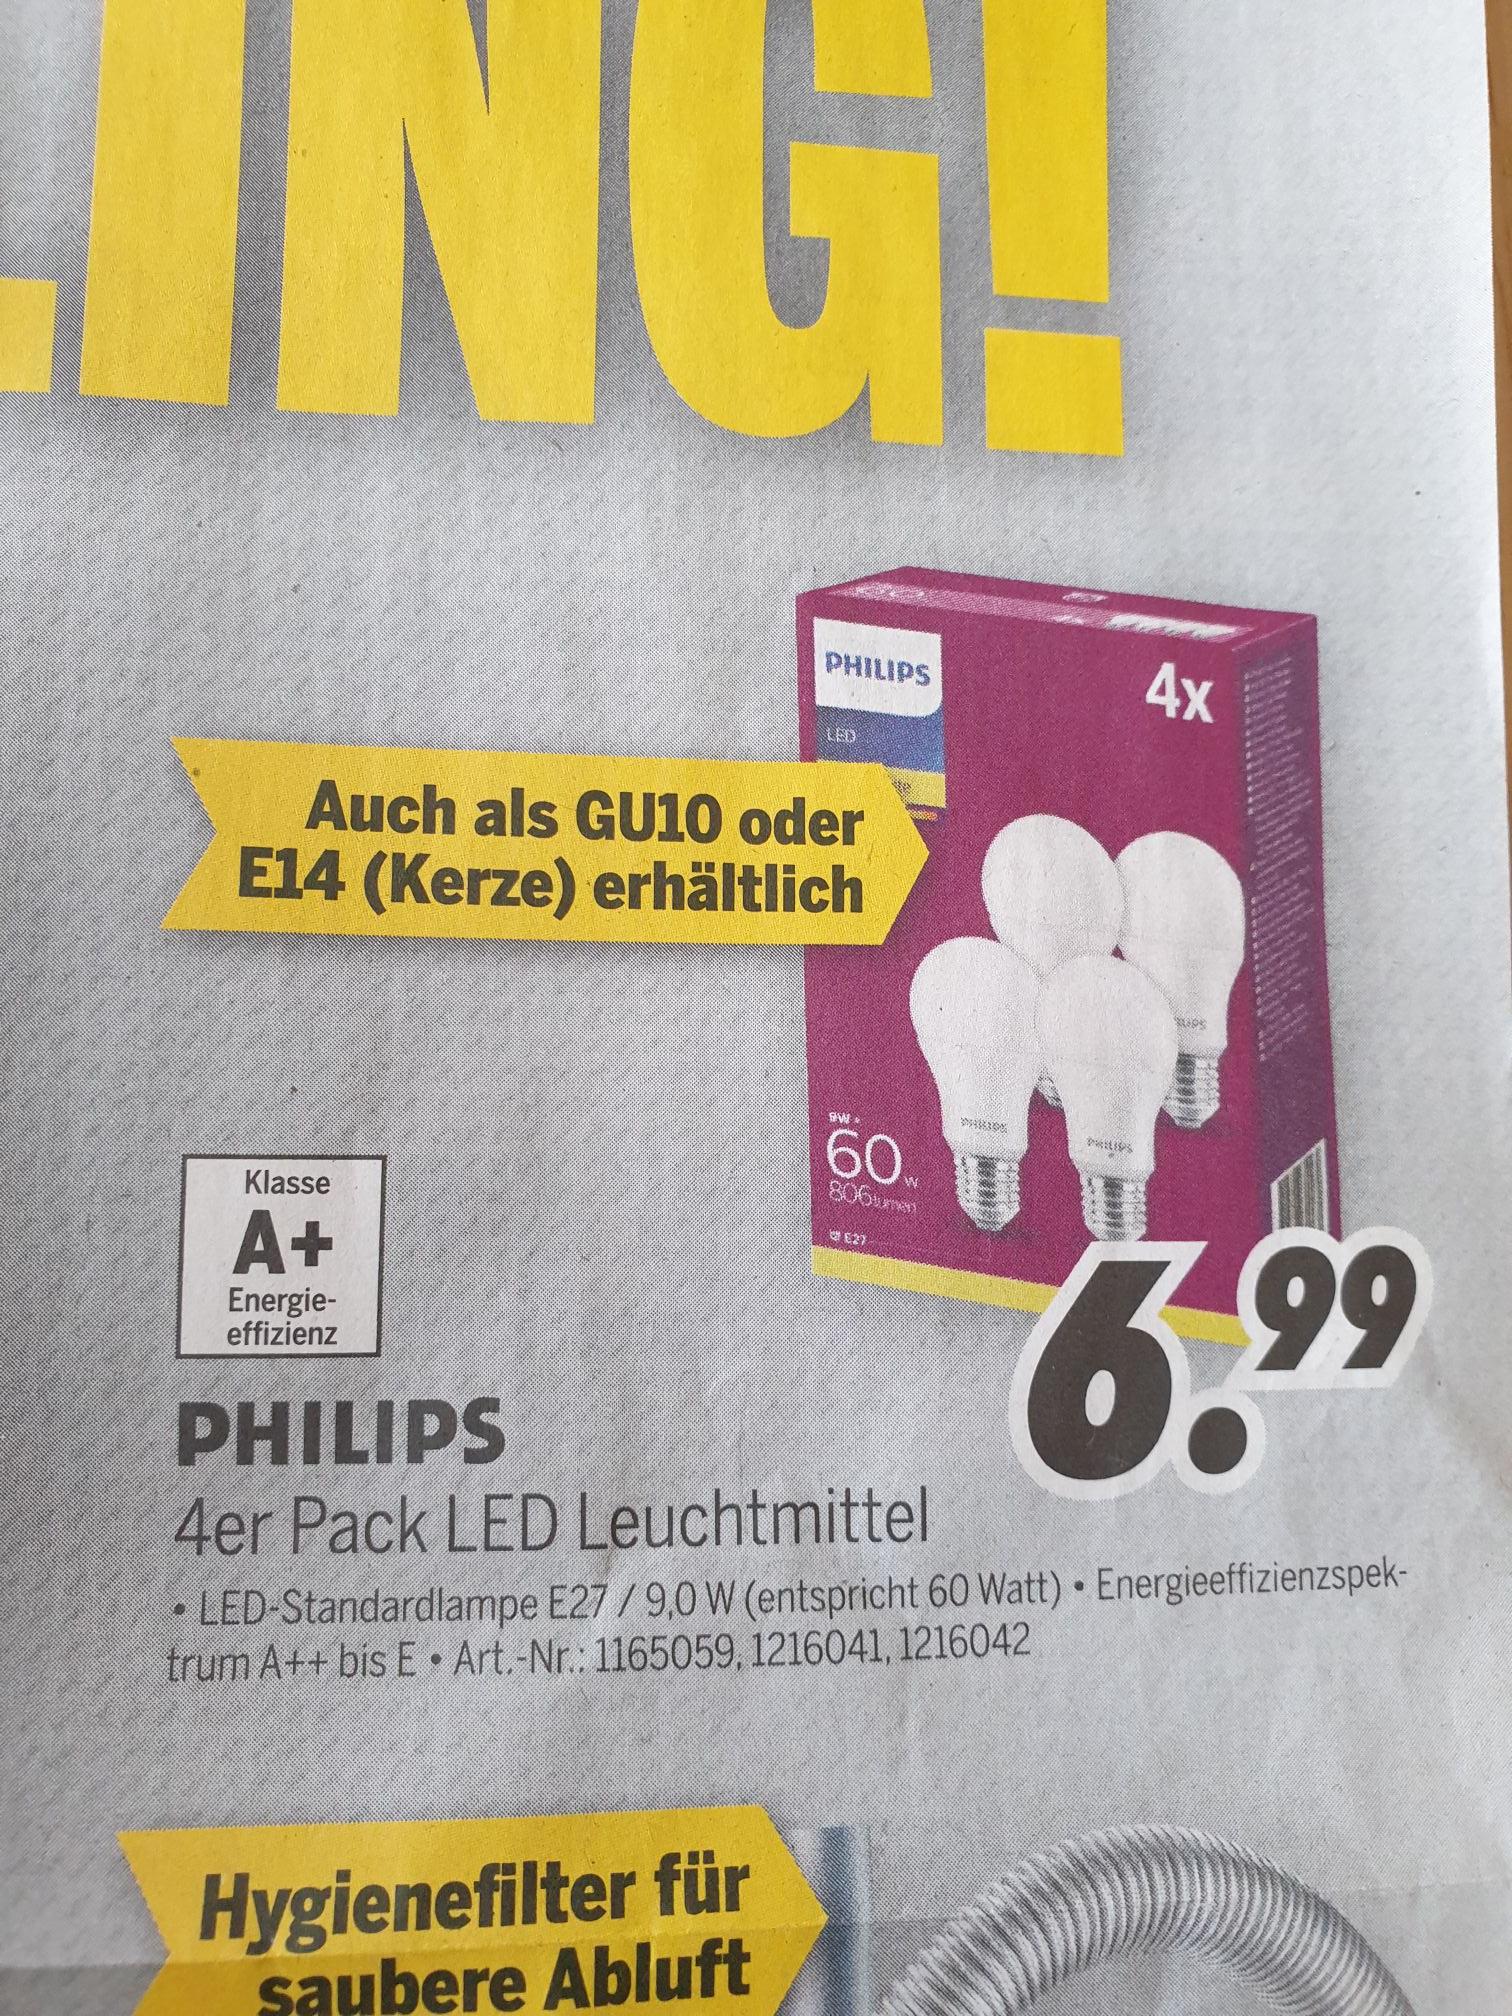 Philips 4er Pack LED E27/E14/GU10 [Lokal Medimax bundesweit]